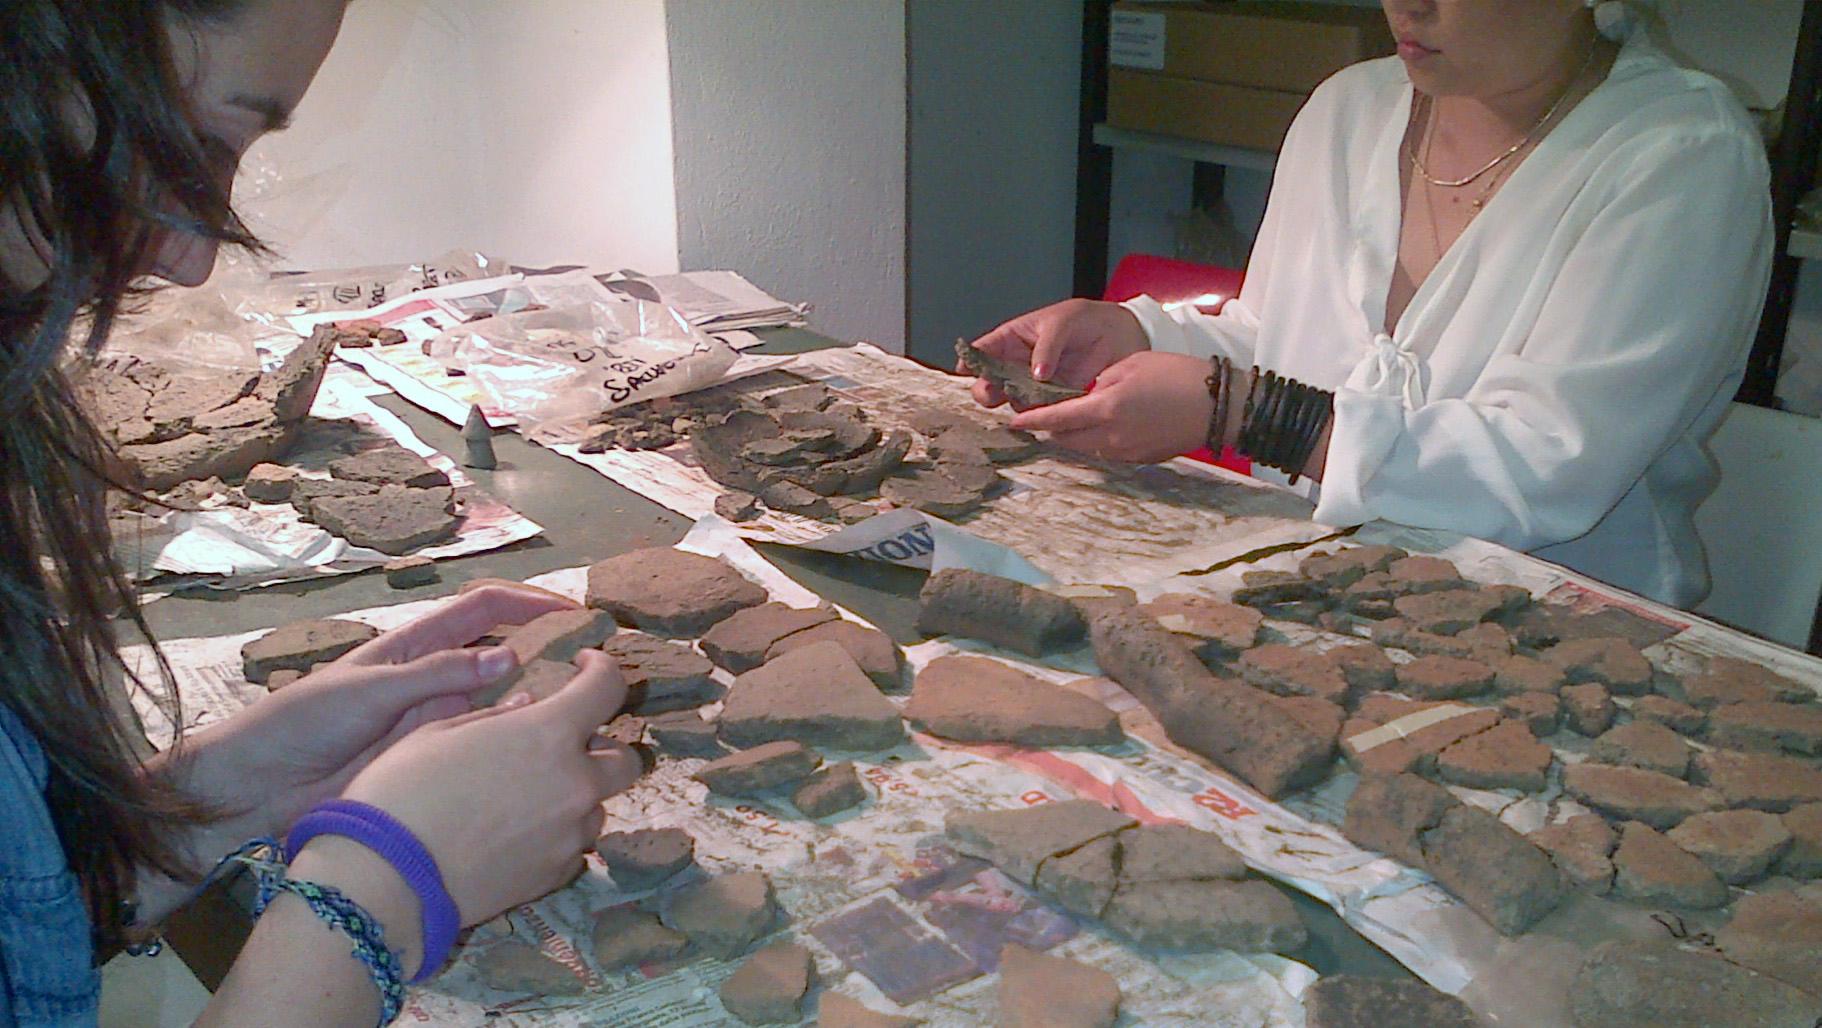 Inventario di alcuni reperti rinvenuti nel luglio del 2013